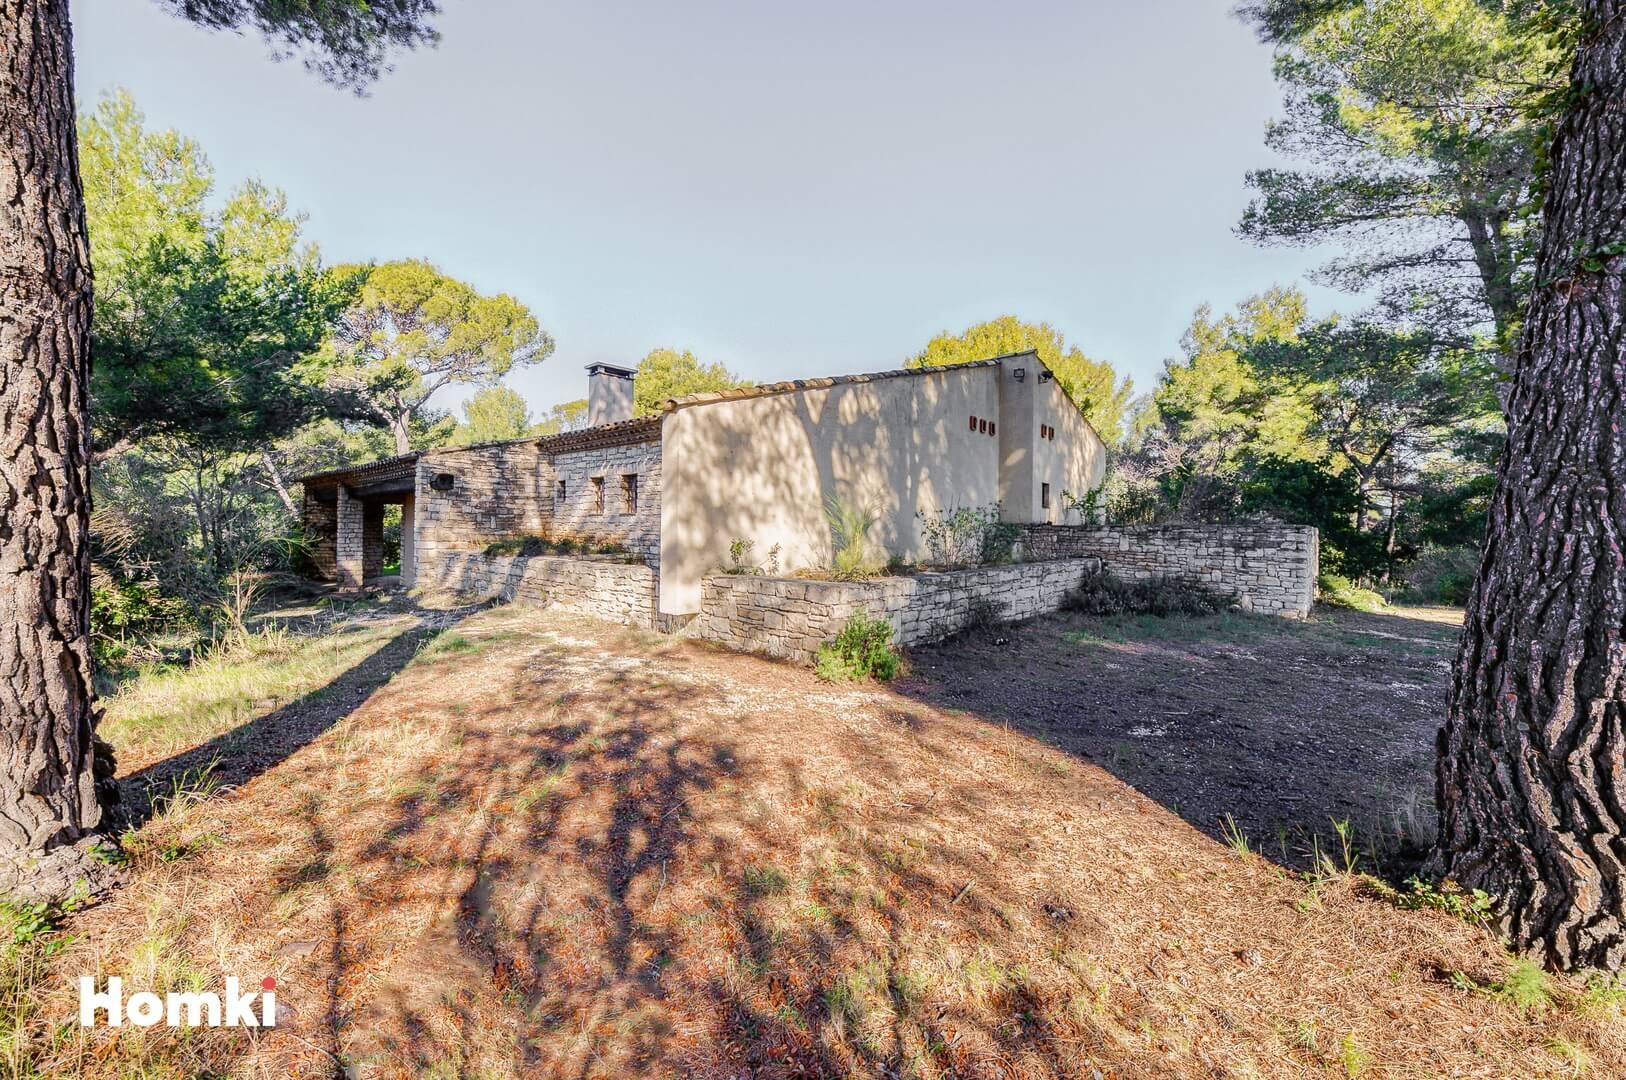 Homki - Vente Maison/villa  de 220.0 m² à Marseille 13012